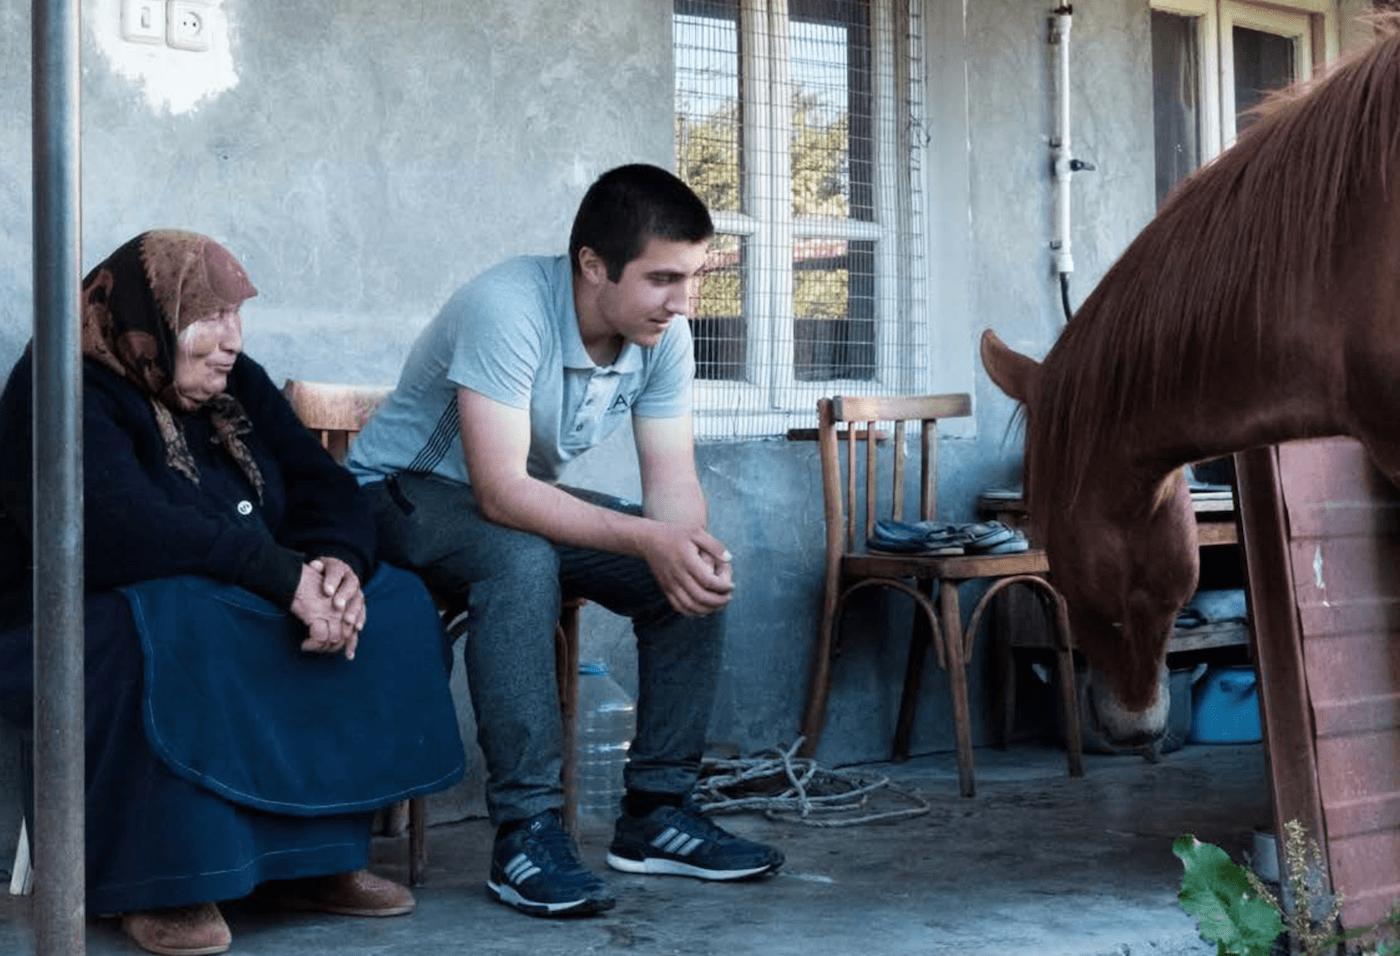 Opérationnel dès maintenant: Réseau communautaire dans la région géorgienne éloignée de Tusheti